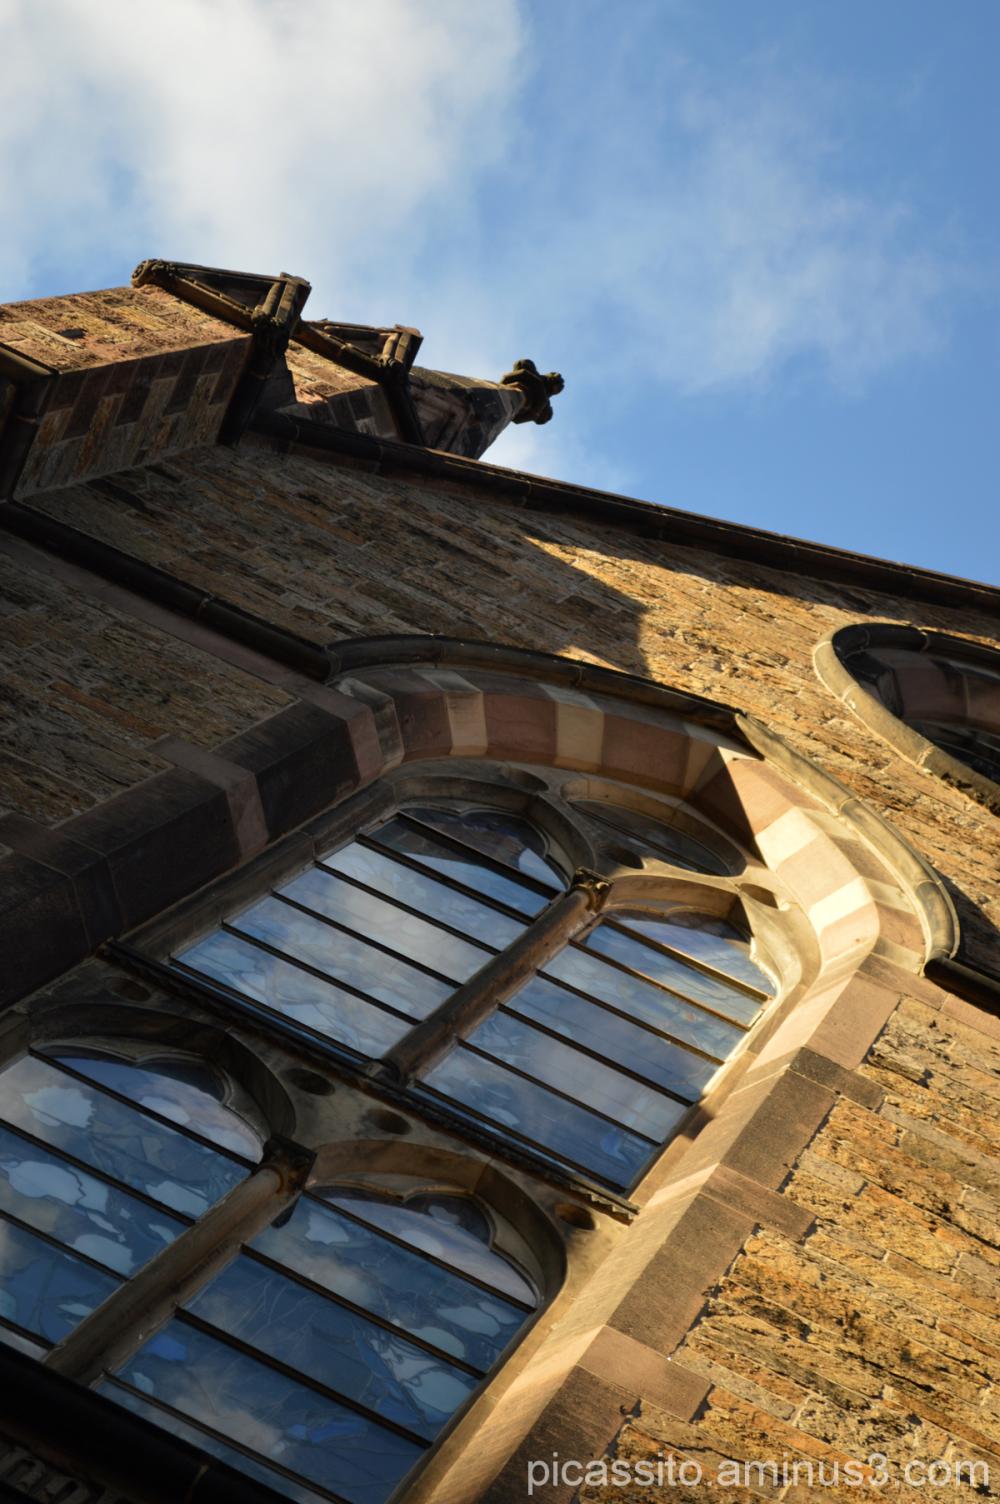 Newbury Street Church